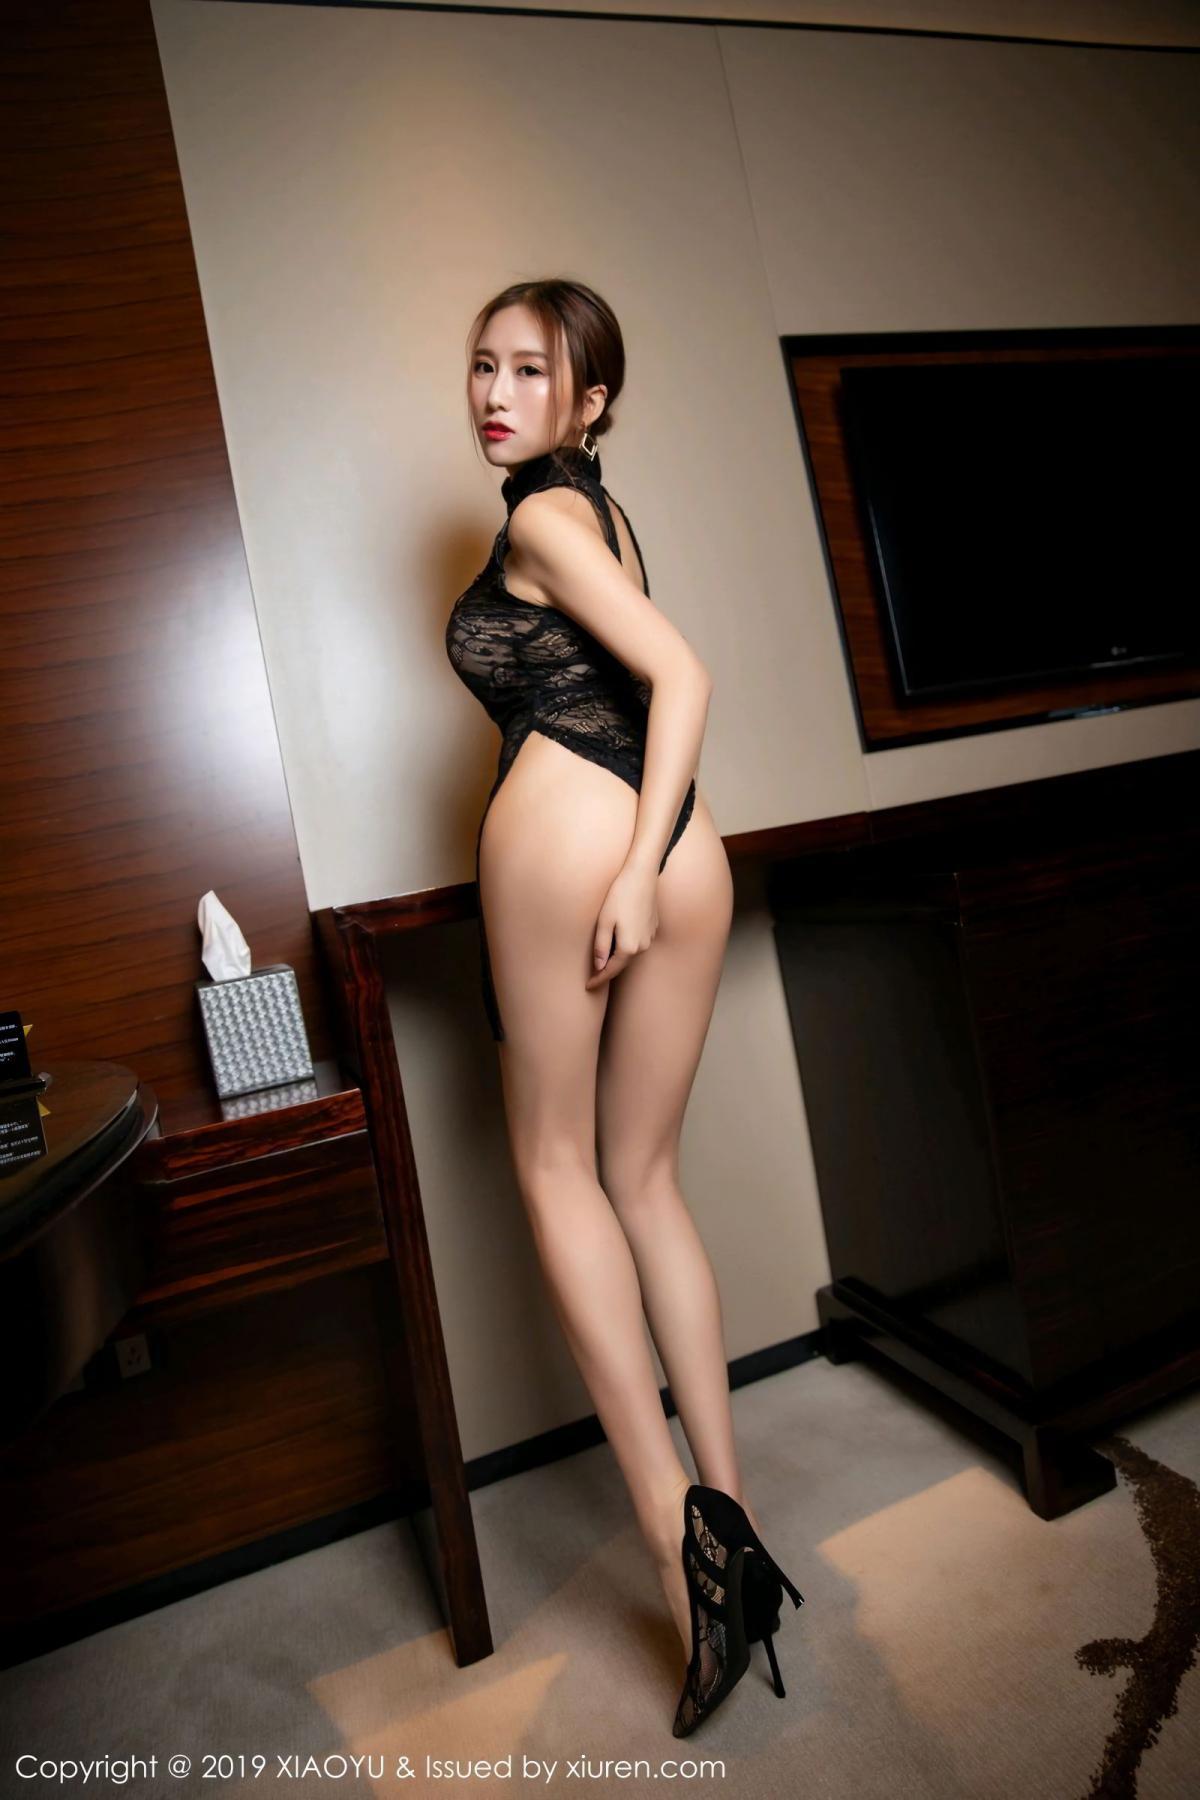 [XiaoYu] Vol.108 Yue Yin Tong 17P, Underwear, XiaoYu, Yue Yin Tong